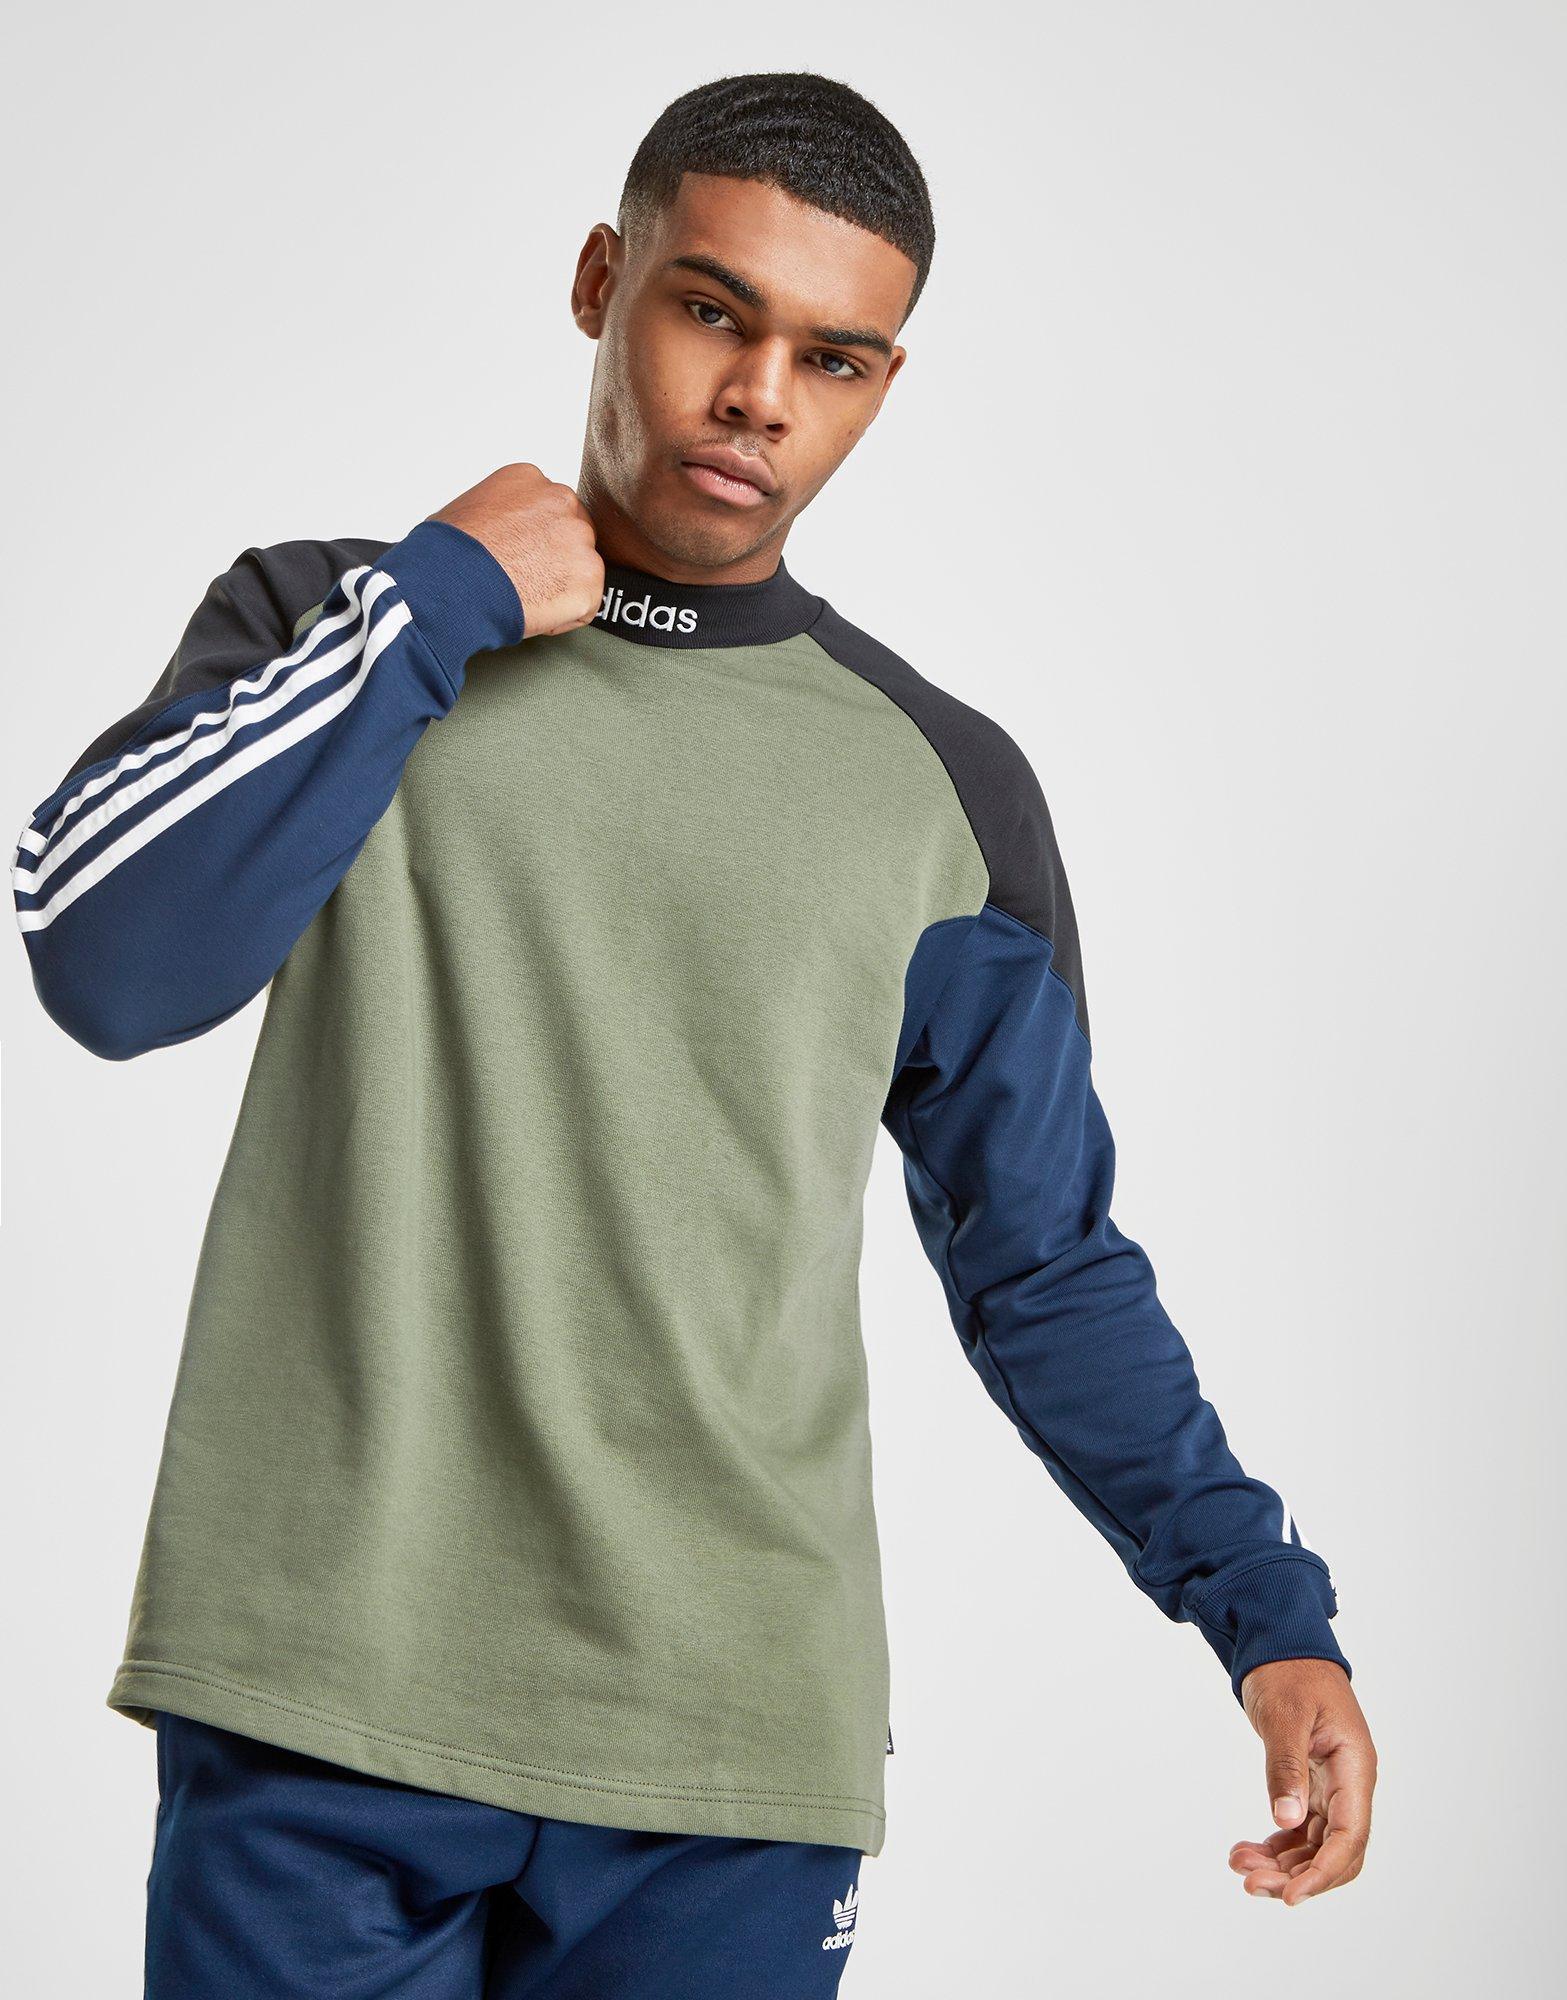 a636f6af1 adidas Originals Skateboarding Goalie Shirt in Green for Men - Lyst